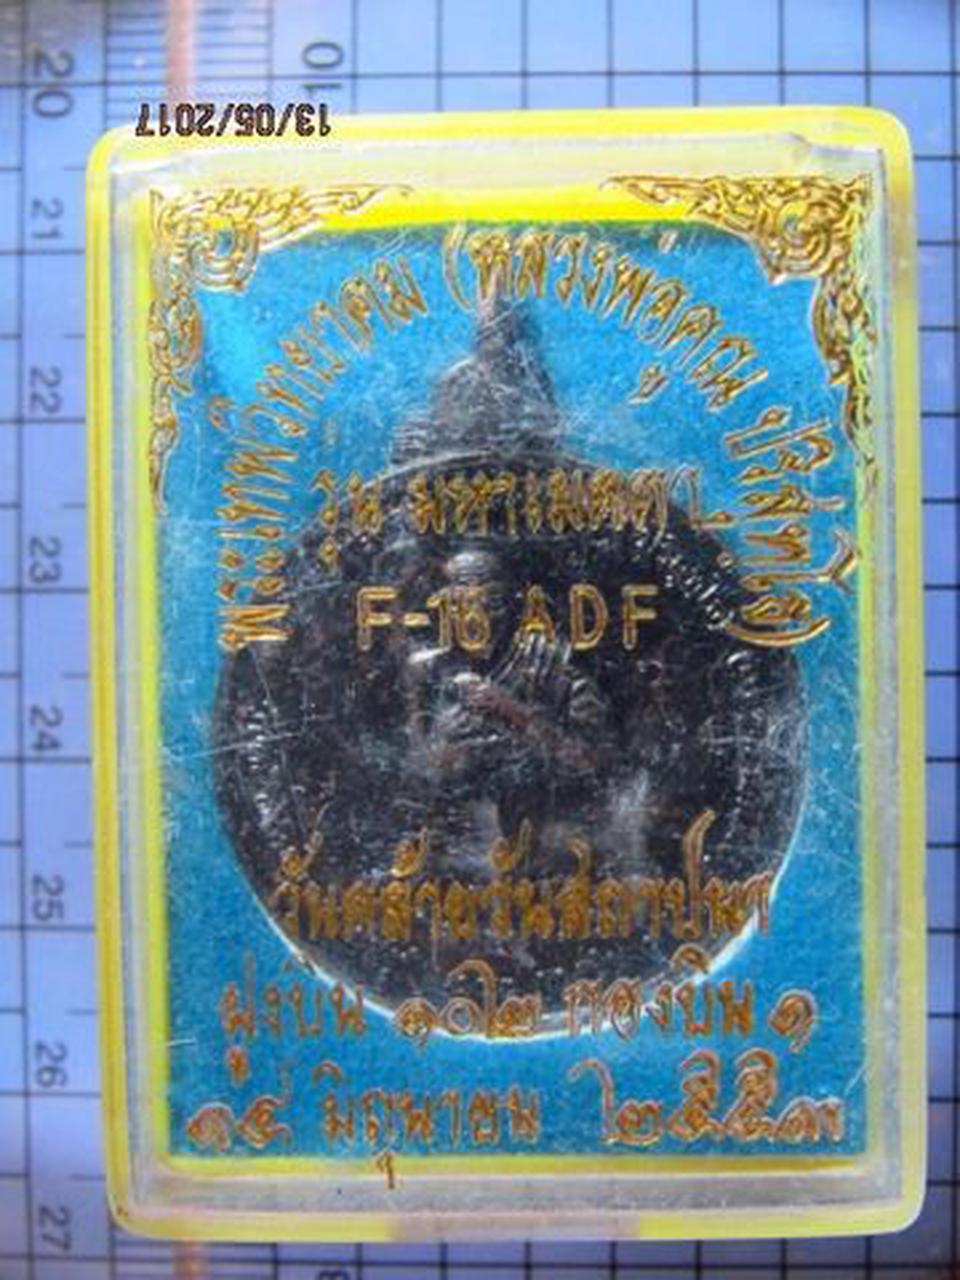 4349 เหรียญหลวงพ่อคูณ วัดบ้านไร่ ปี 2553 รุ่นมหาเมตตา F-16 A รูปที่ 1